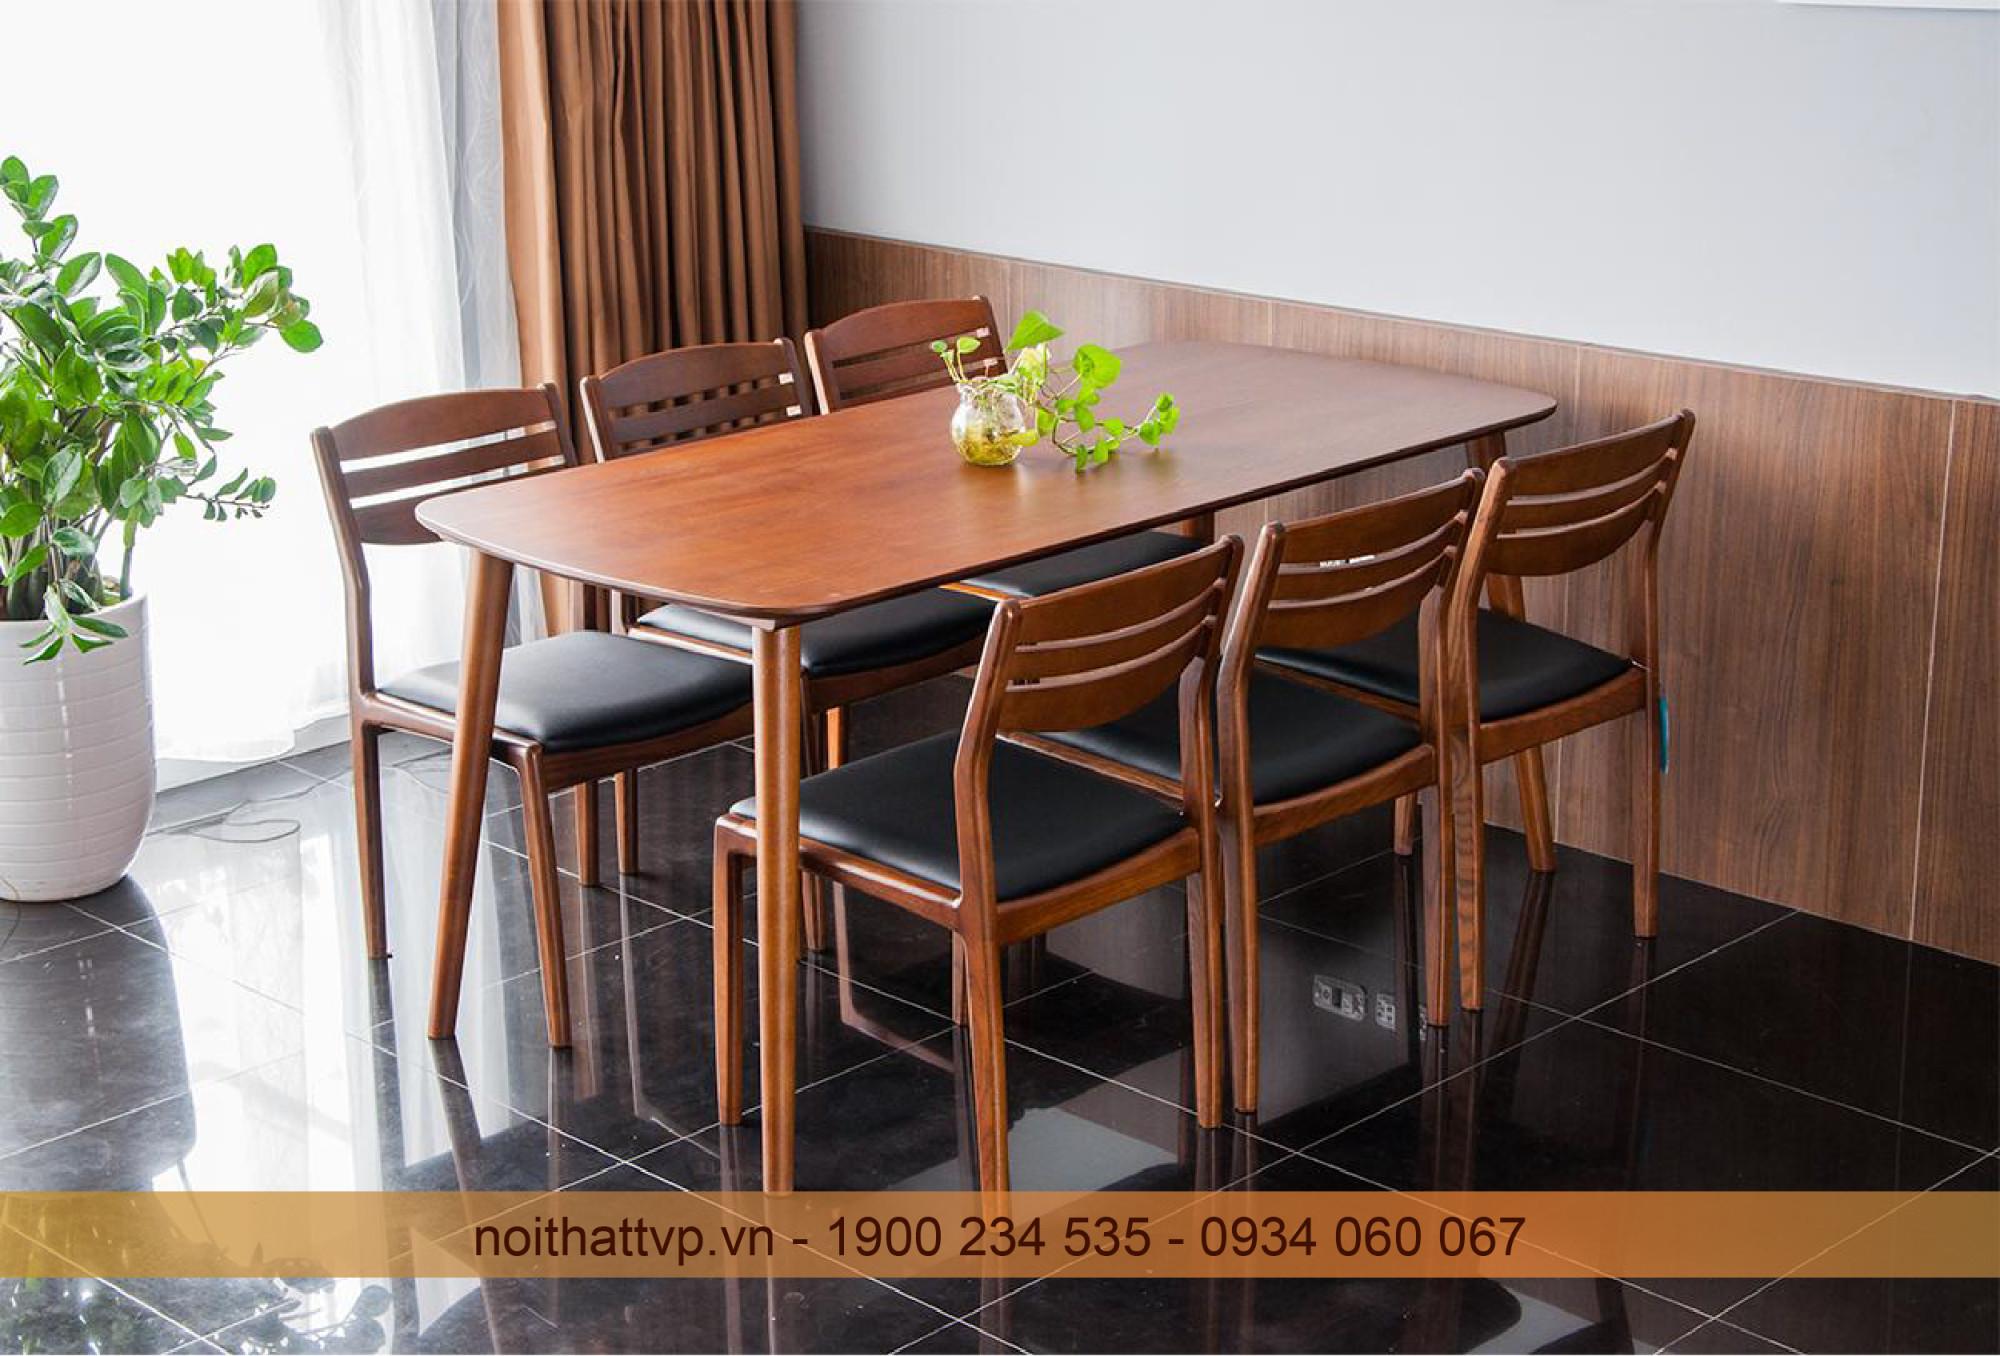 bàn ăn 6 ghế gỗ sồi màu óc chó